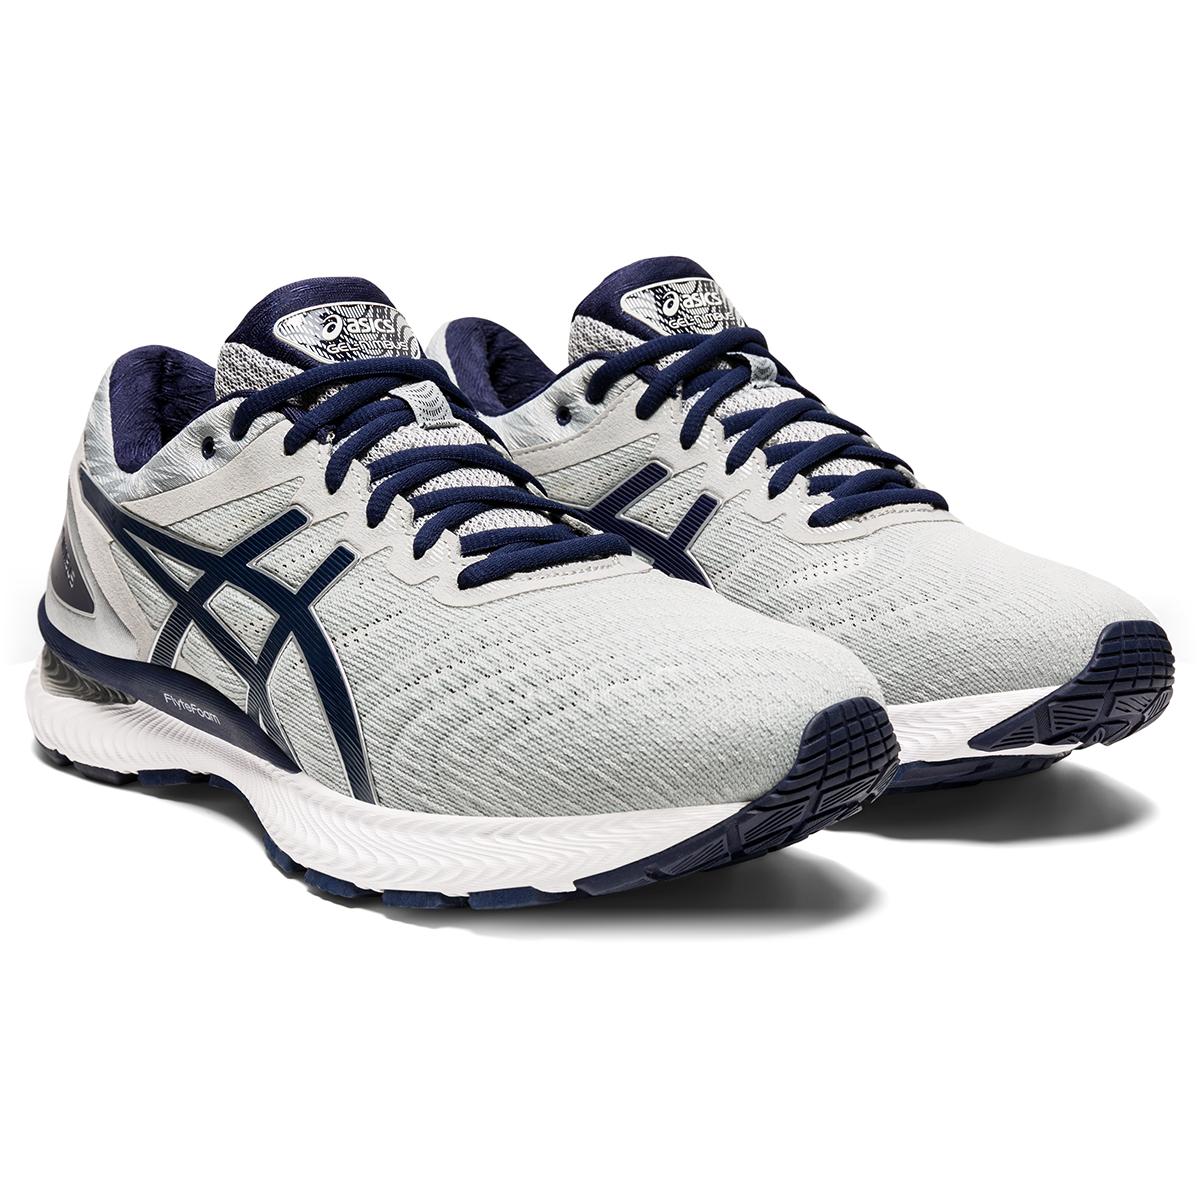 Men's Asics Gel-Nimbus 22 Running Shoe - Color: Piedmont Grey/Peacoat - Size: 6 - Width: Regular, Piedmont Grey/Peacoat, large, image 4